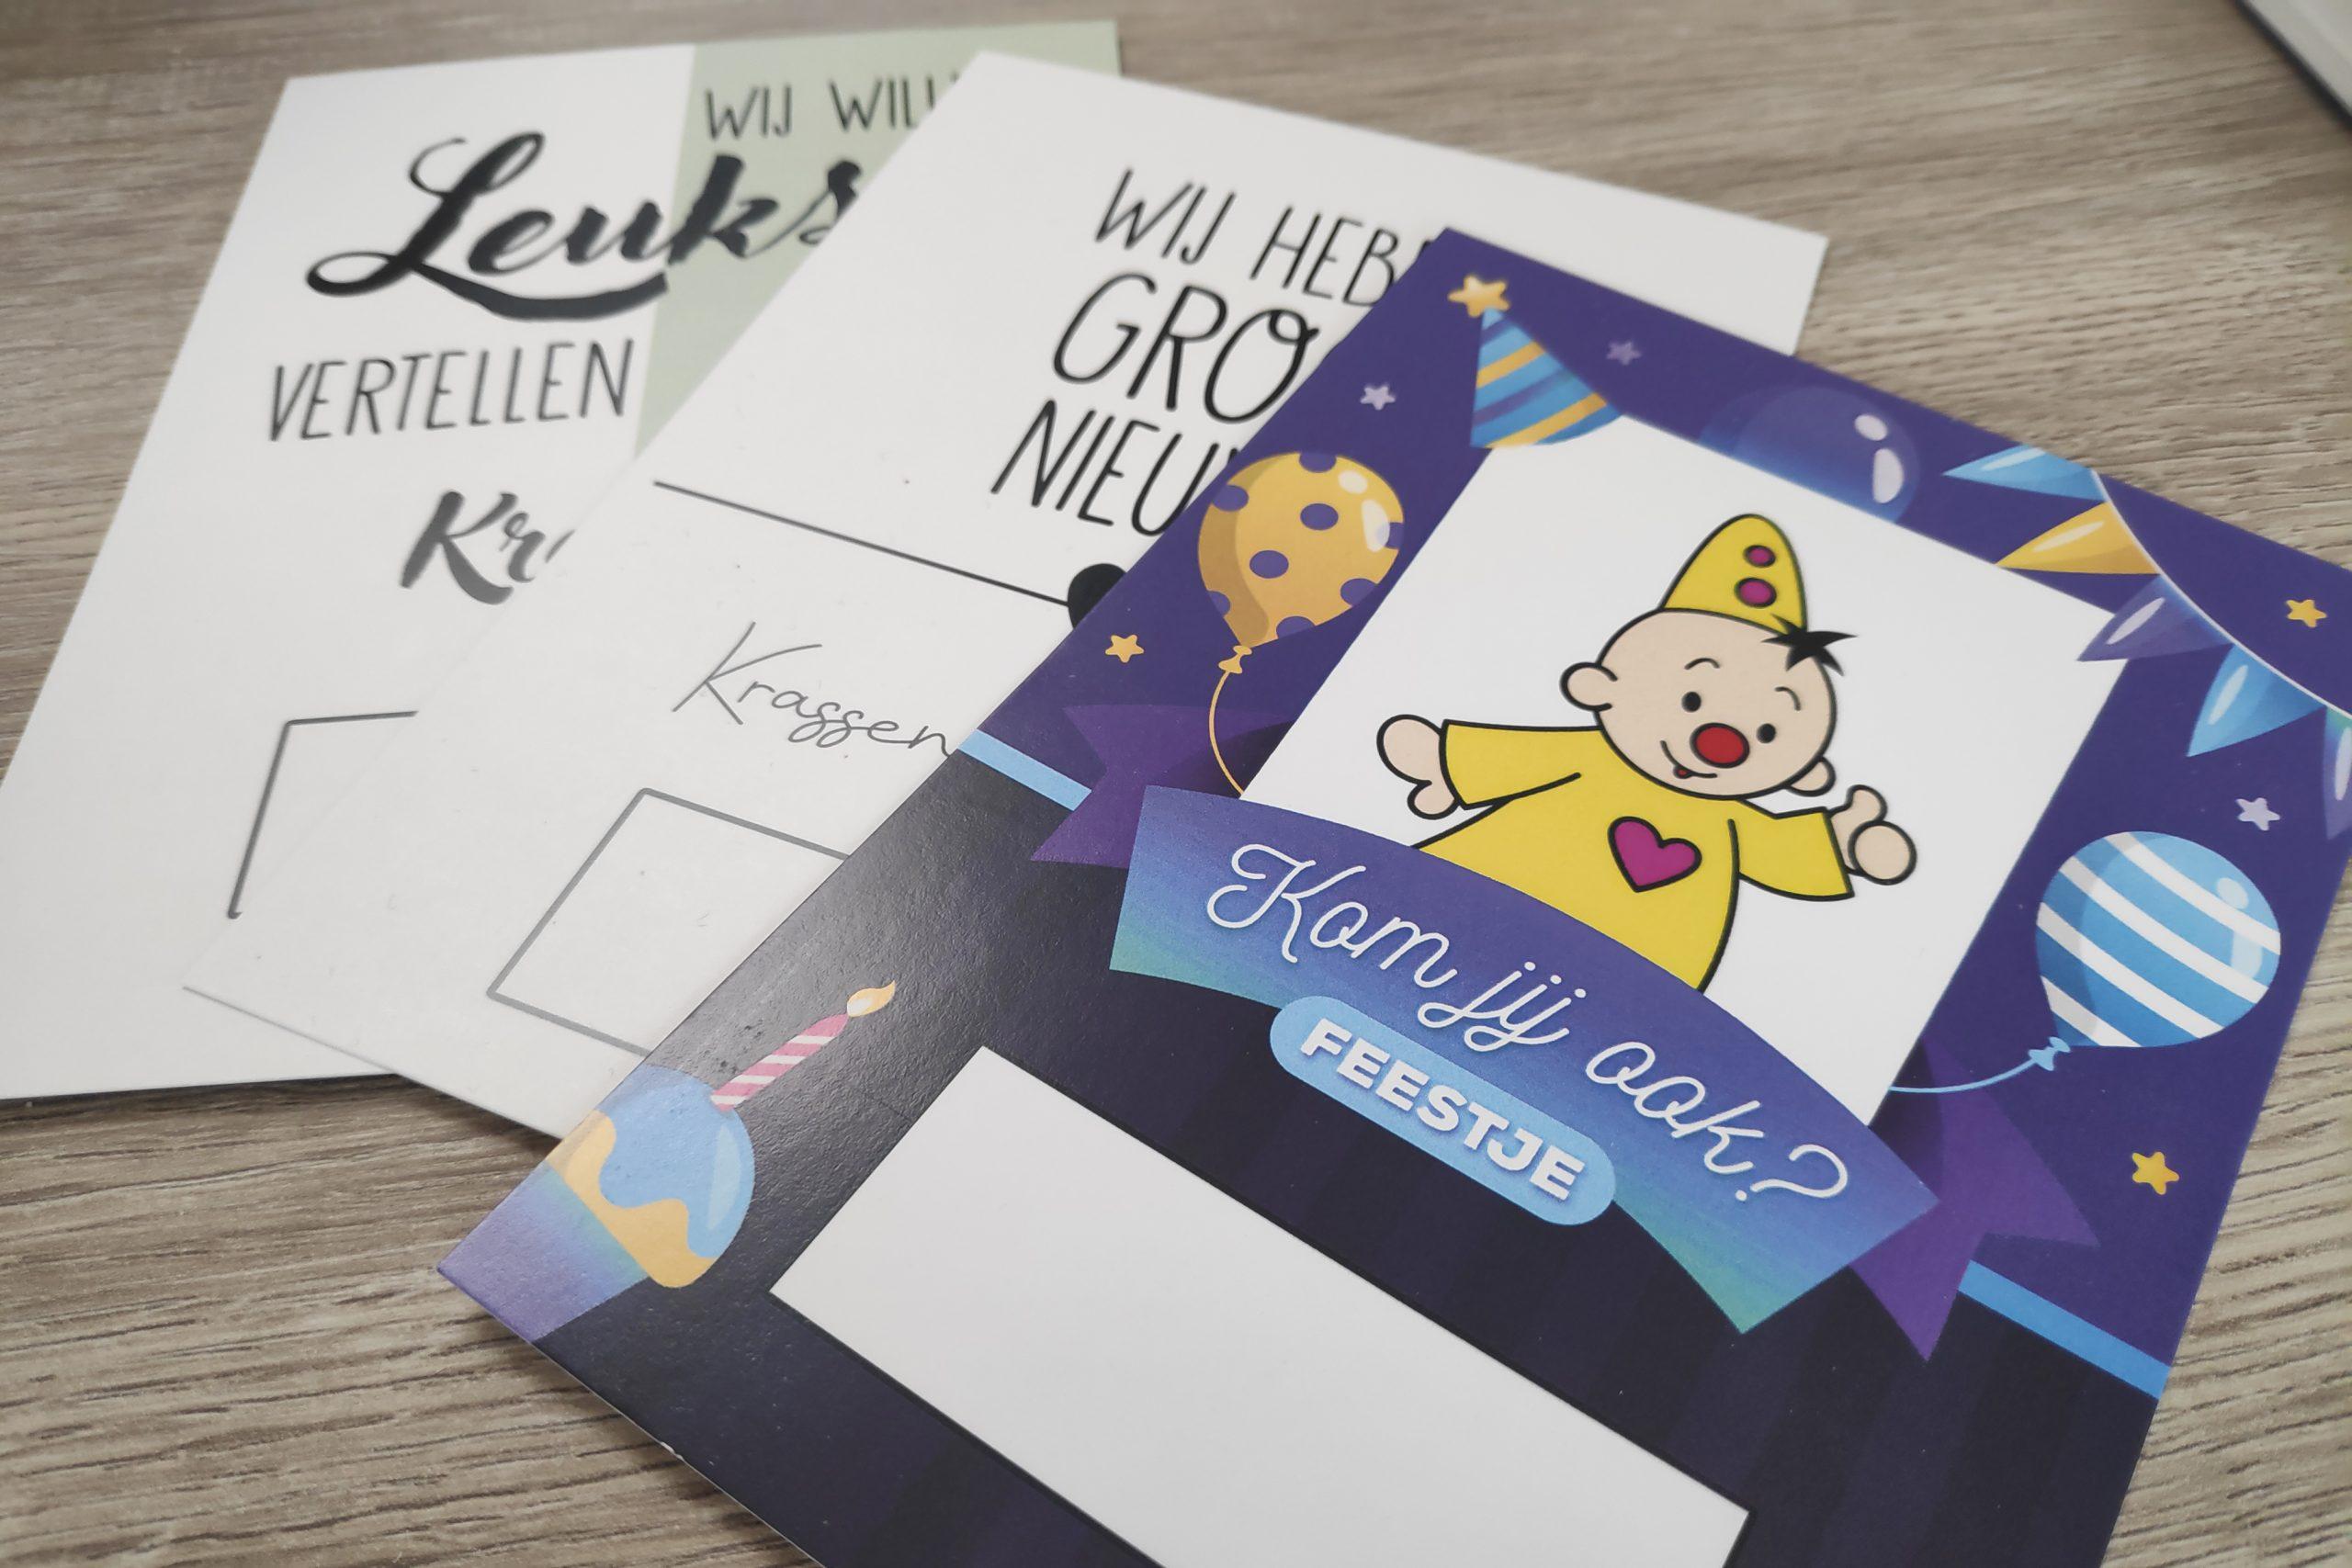 Krascards.nl - Iets (unieks) vertellen? Dat doe je met een kraskaart vanaf €0.99